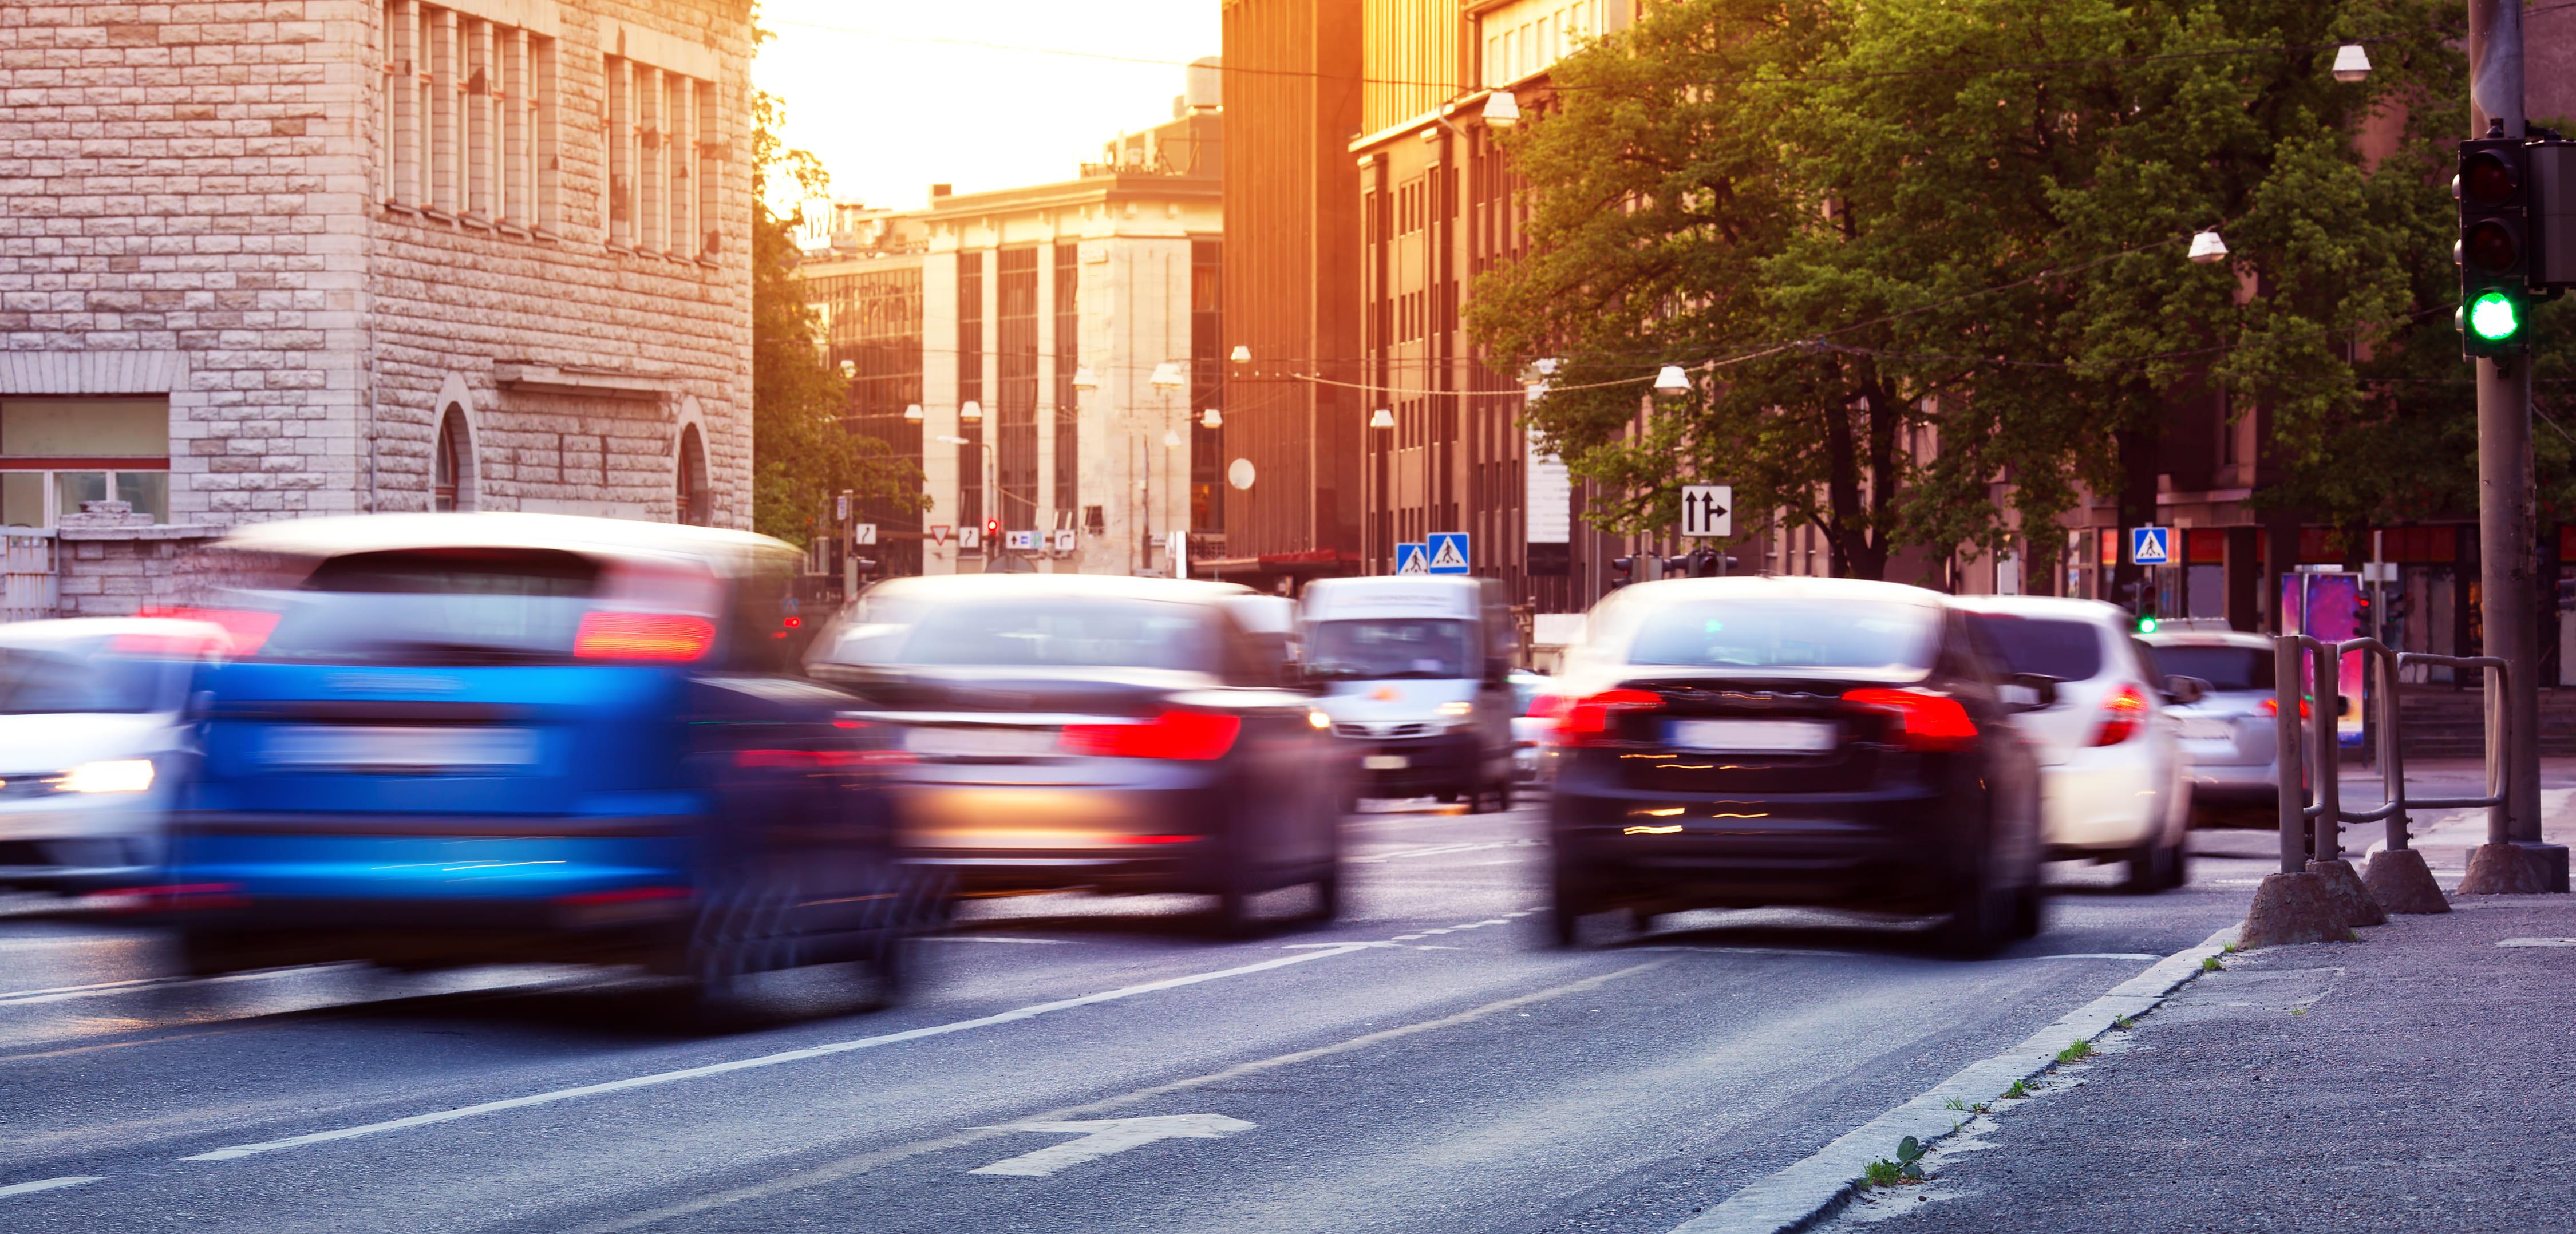 【神奈川県秦野市】自社ローンで中古車を購入した方に口コミ・評判を聞きました!